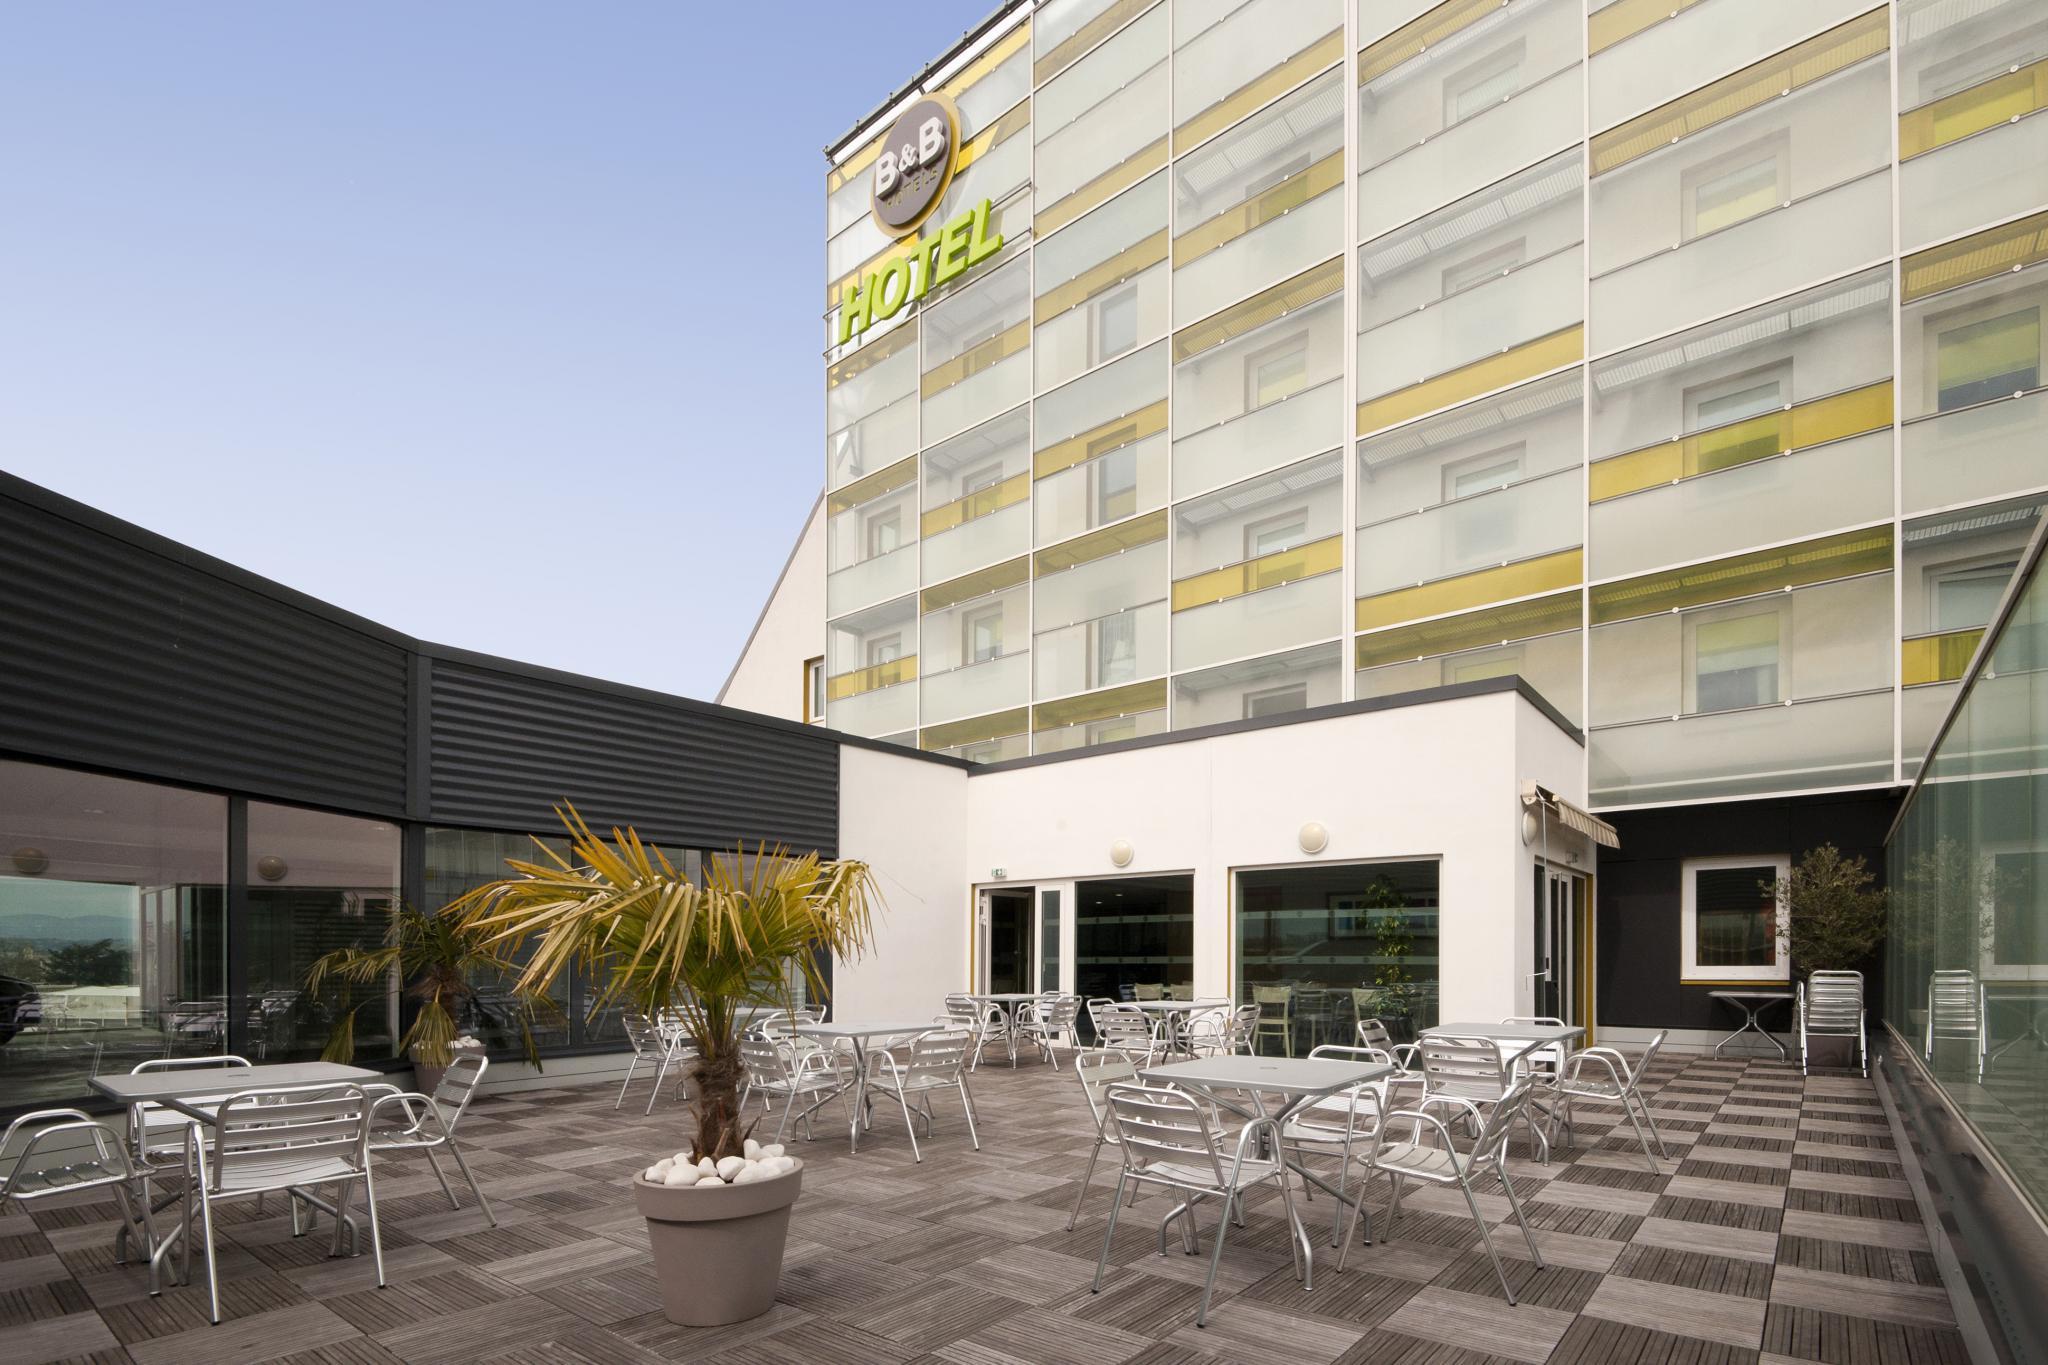 Bb Hotel Lyon